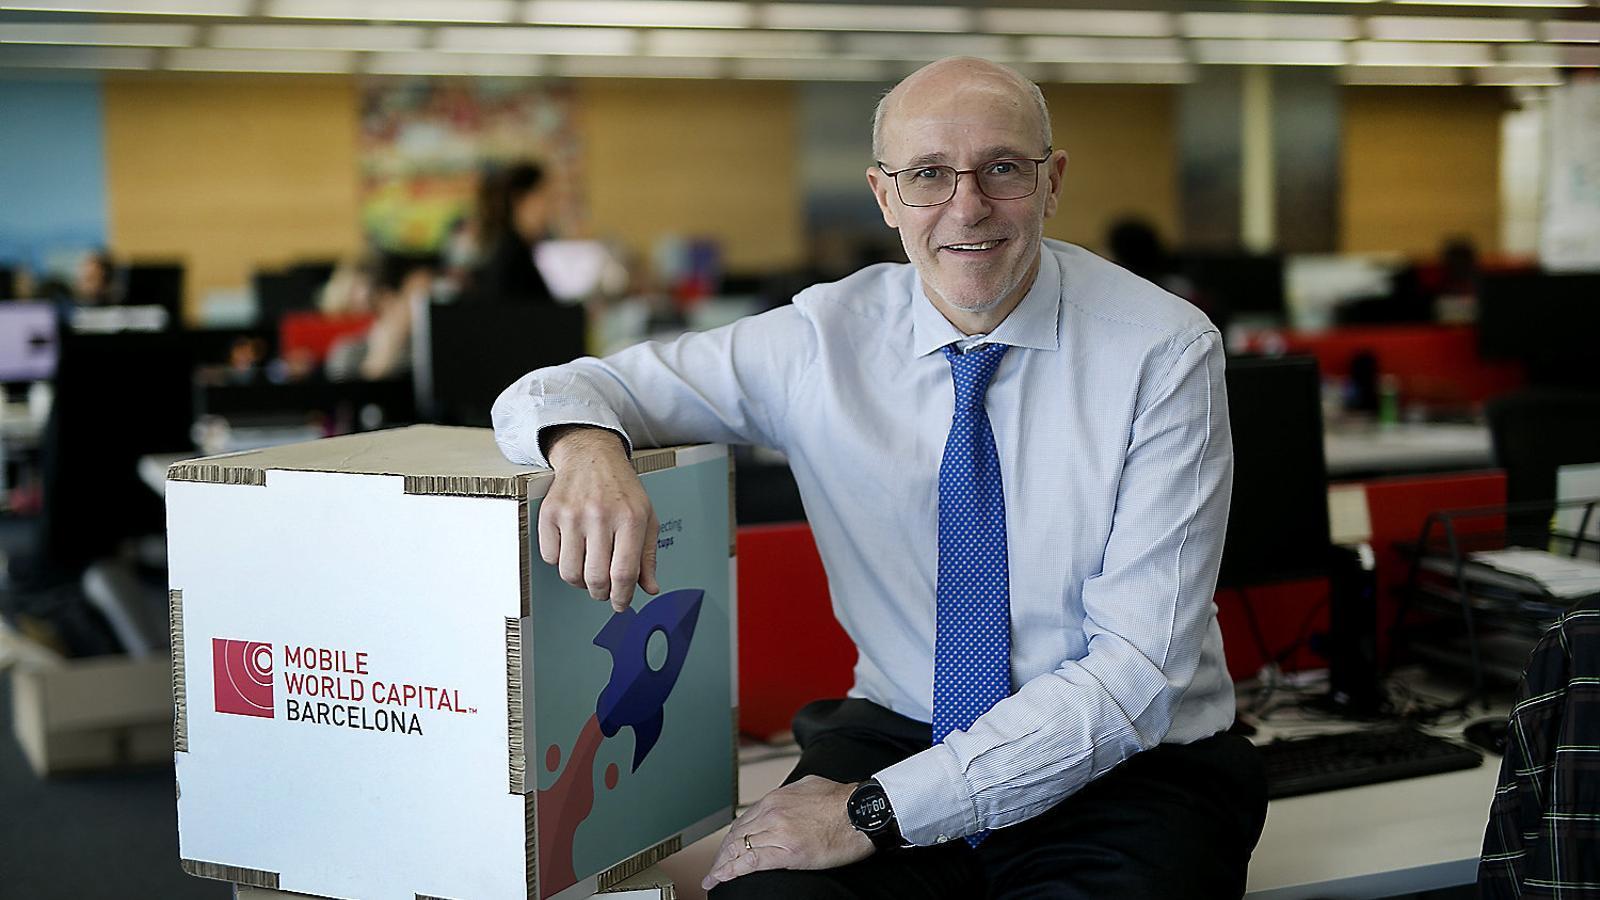 """Carlos Grau: """"La Mobile World Capital farà projectes  A tot Espanya, no només a Barcelona"""""""